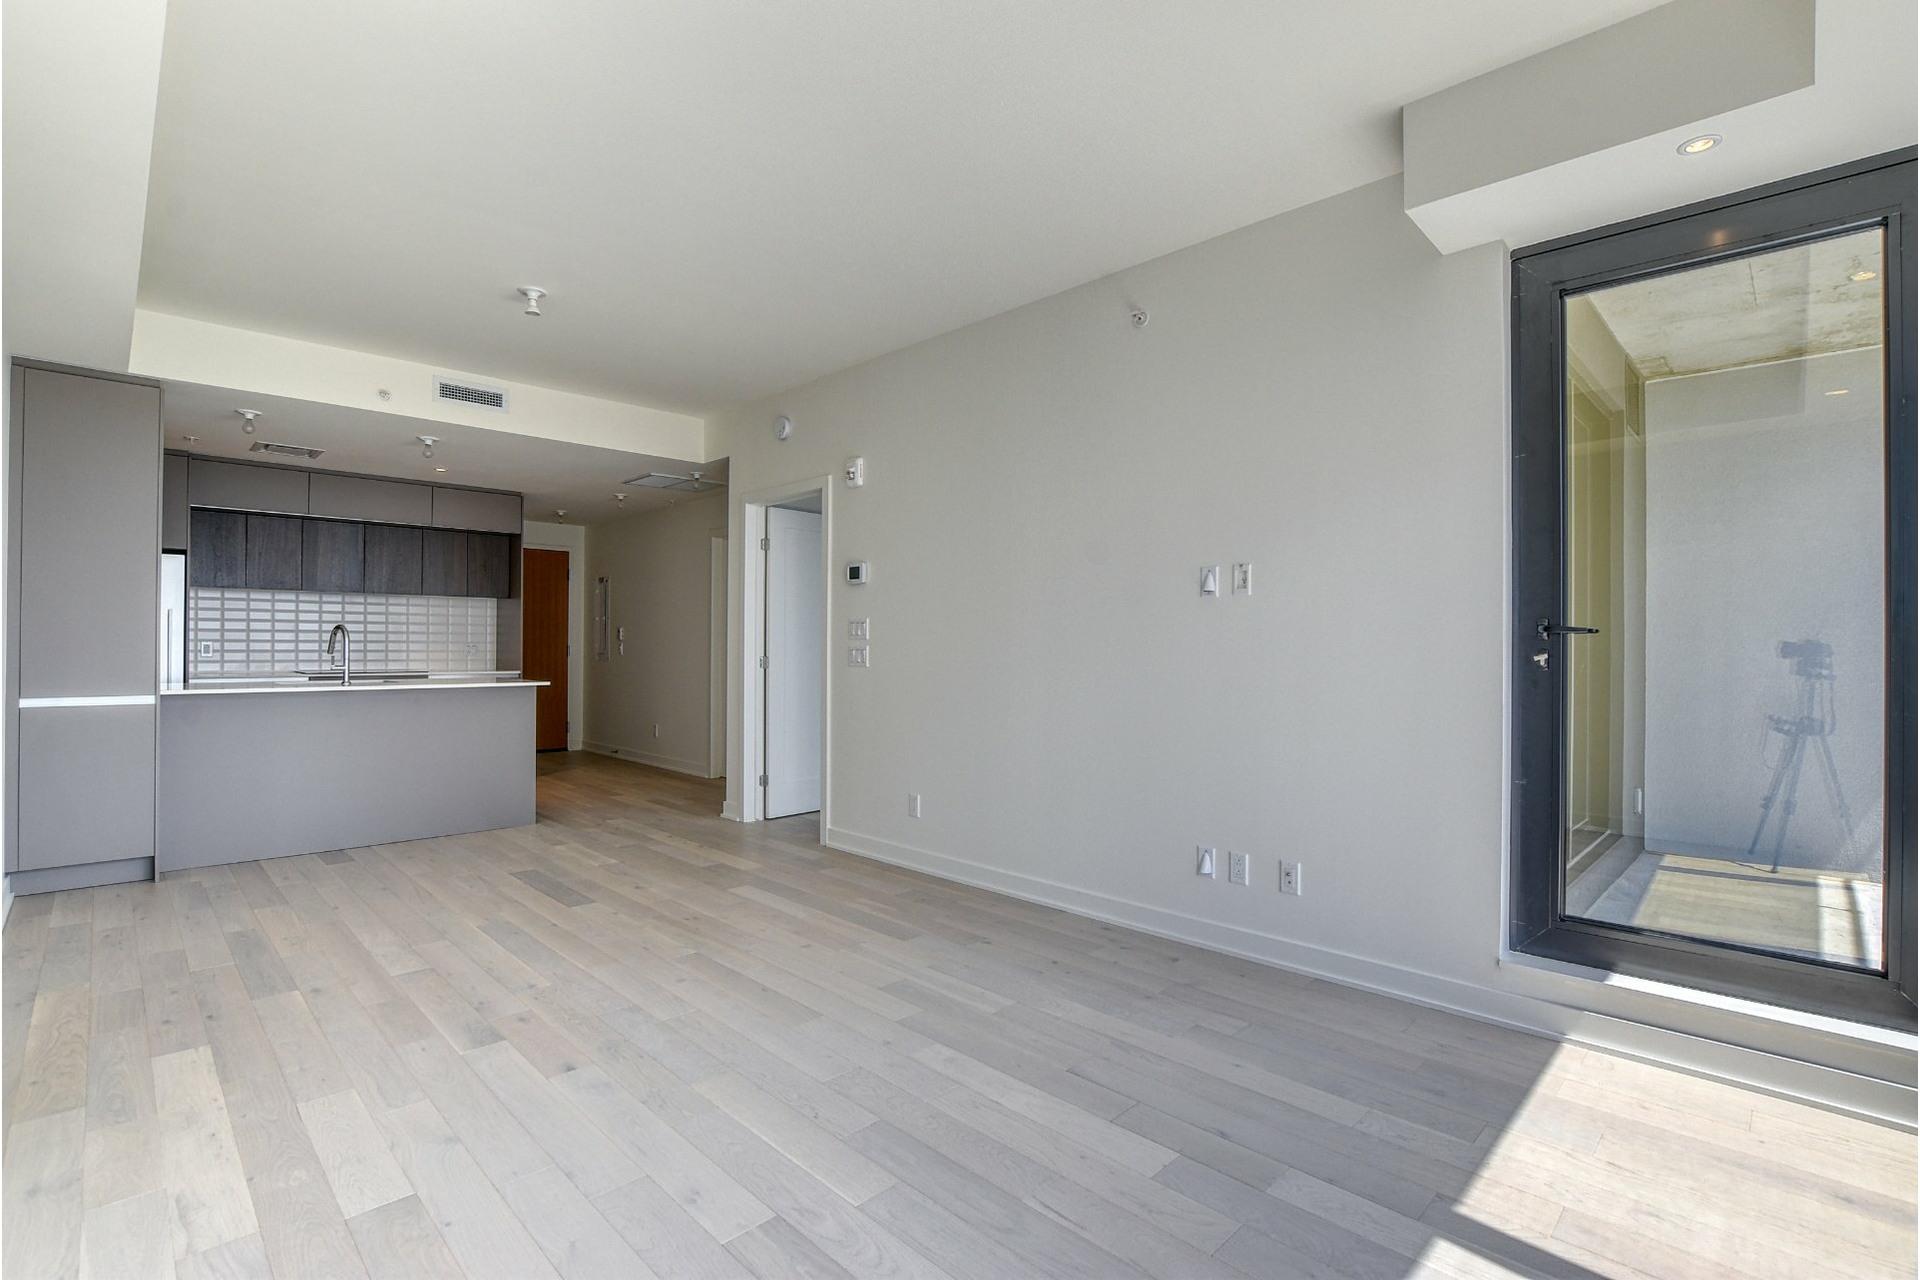 image 3 - Appartement À louer Verdun/Île-des-Soeurs Montréal  - 4 pièces